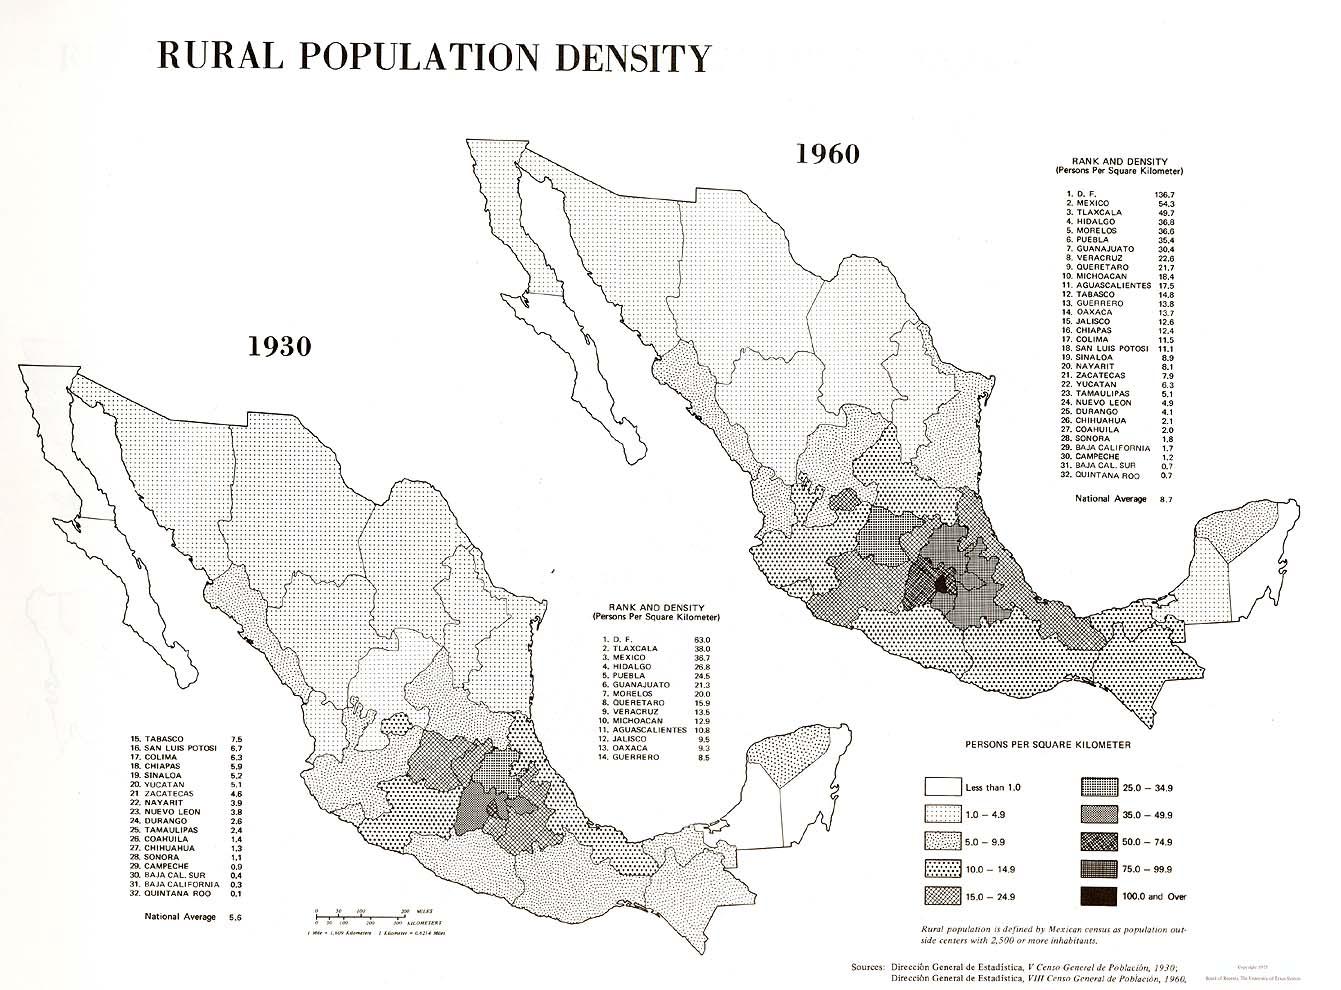 Mapa Densidad de la Población Rural, México 1930, 1960